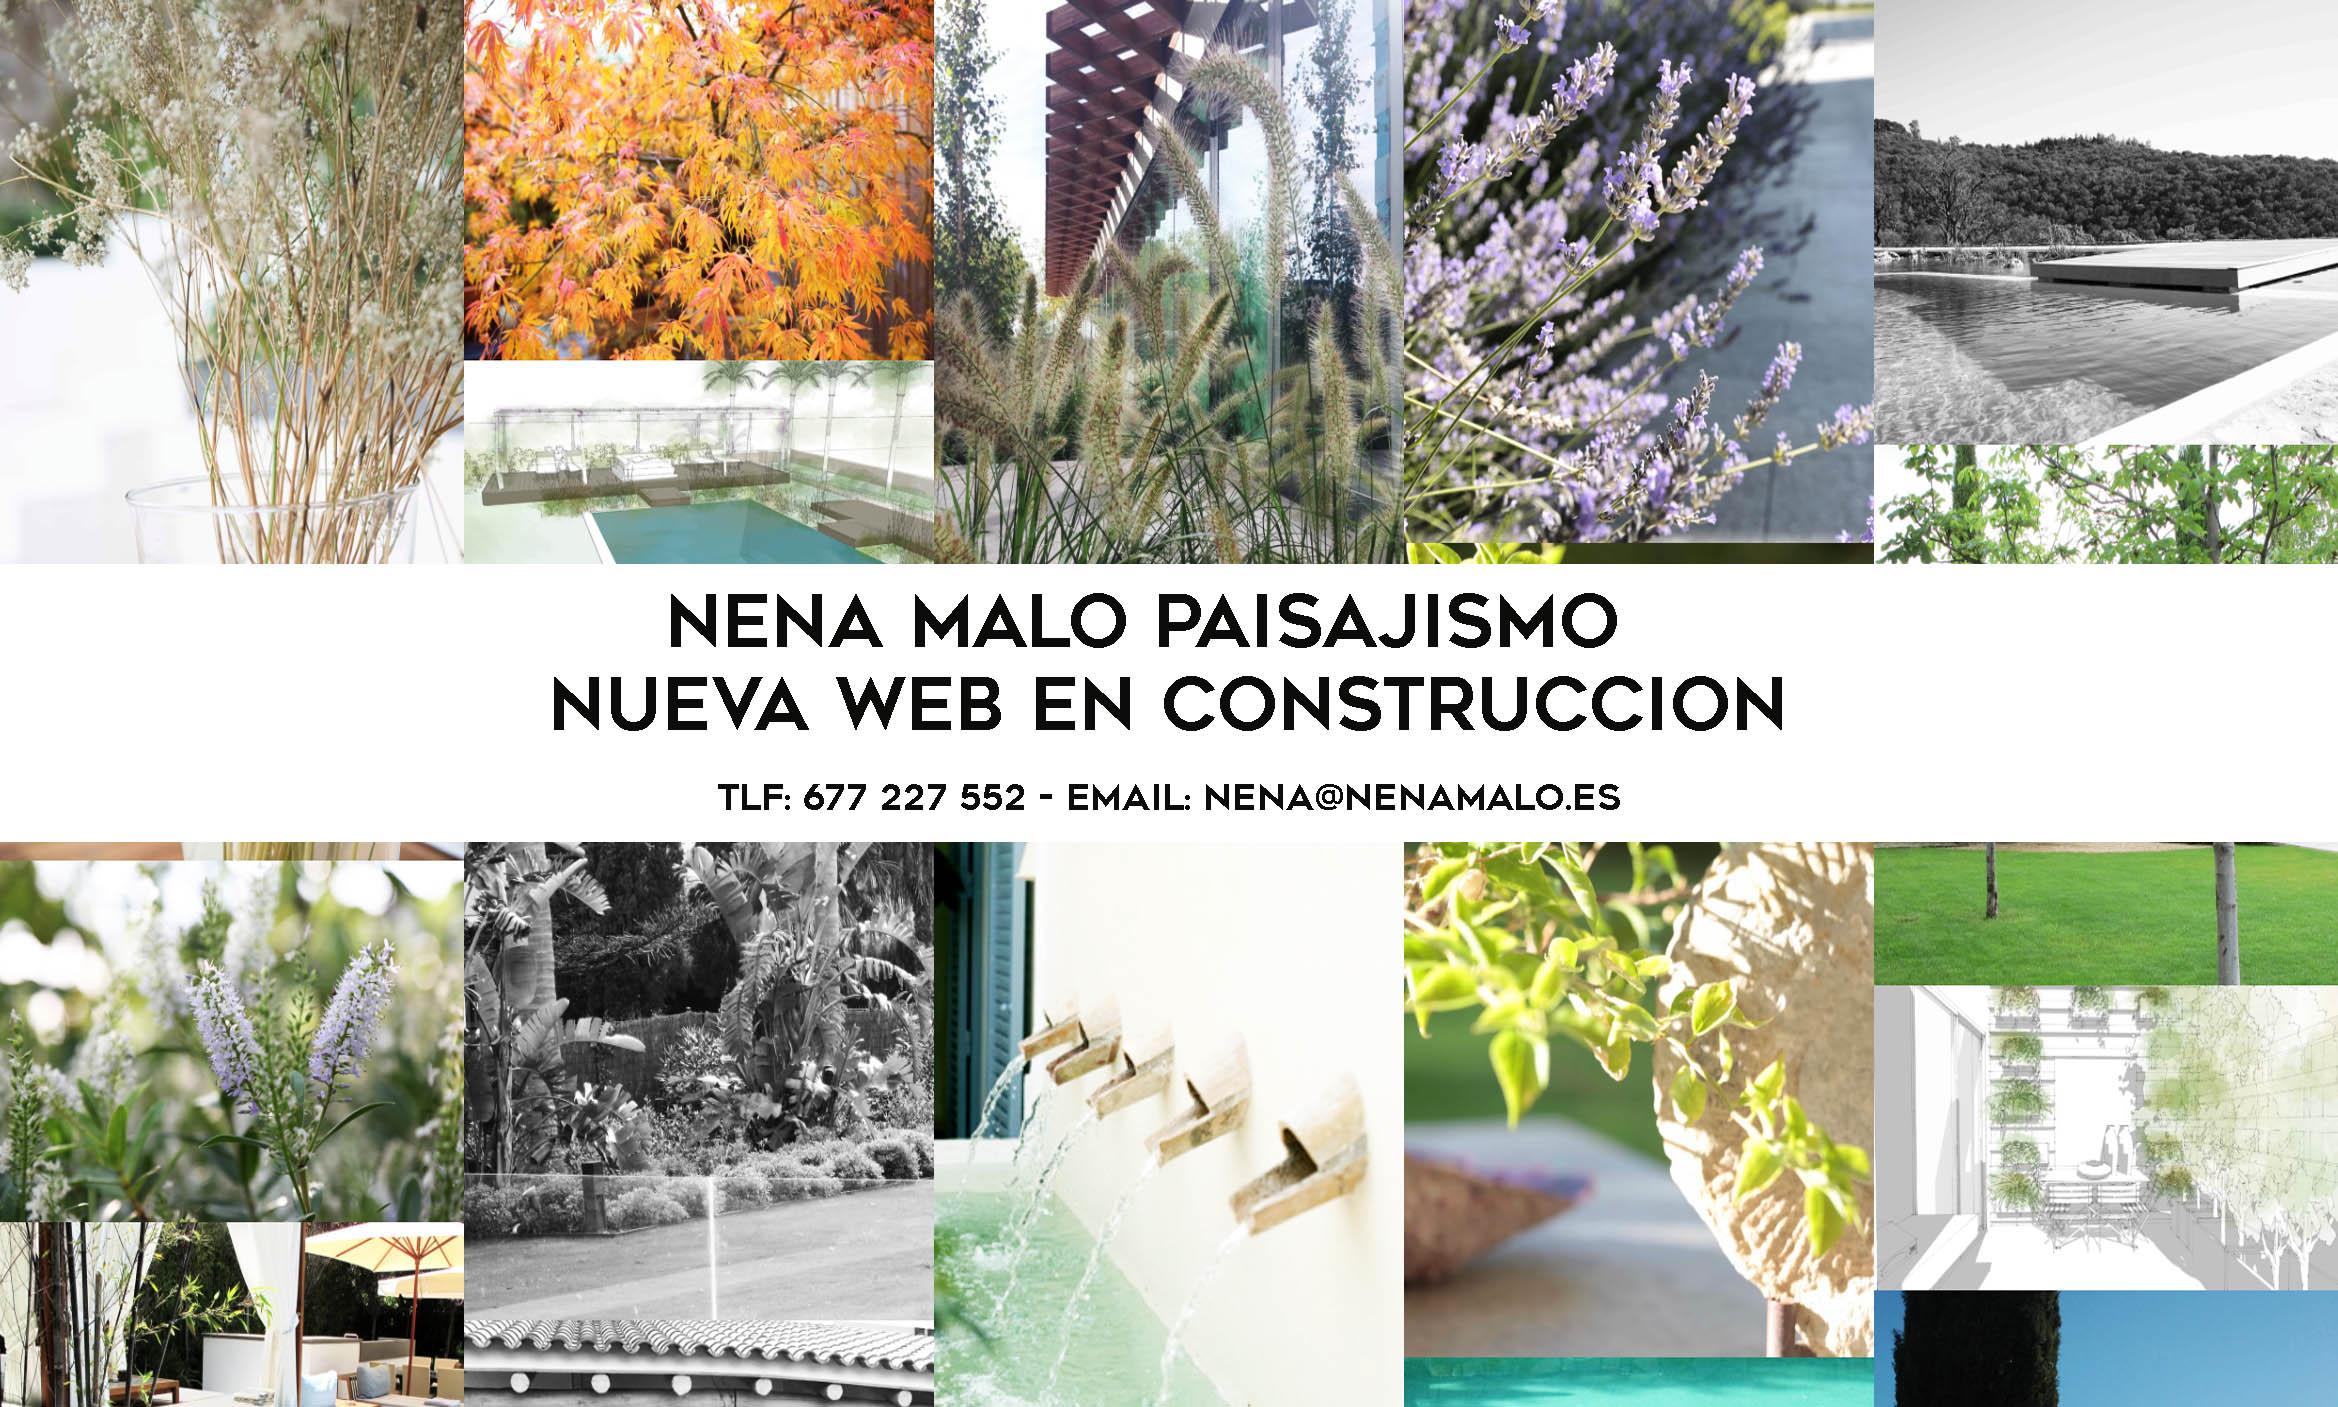 Web en construccion.jpg